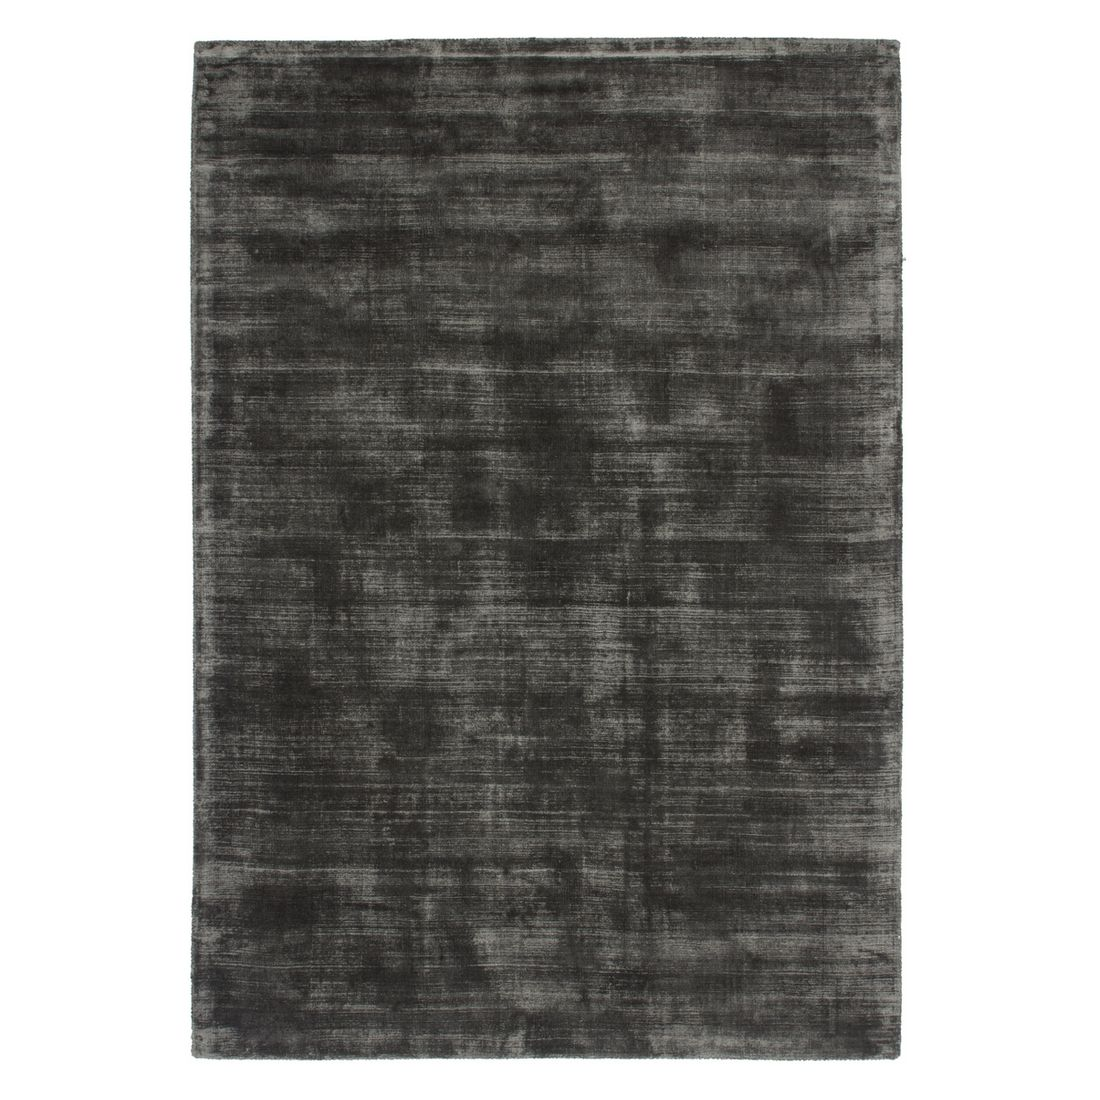 Teppich Rajaa – Anthrazit – 200 x 290 cm, Obsession jetzt bestellen